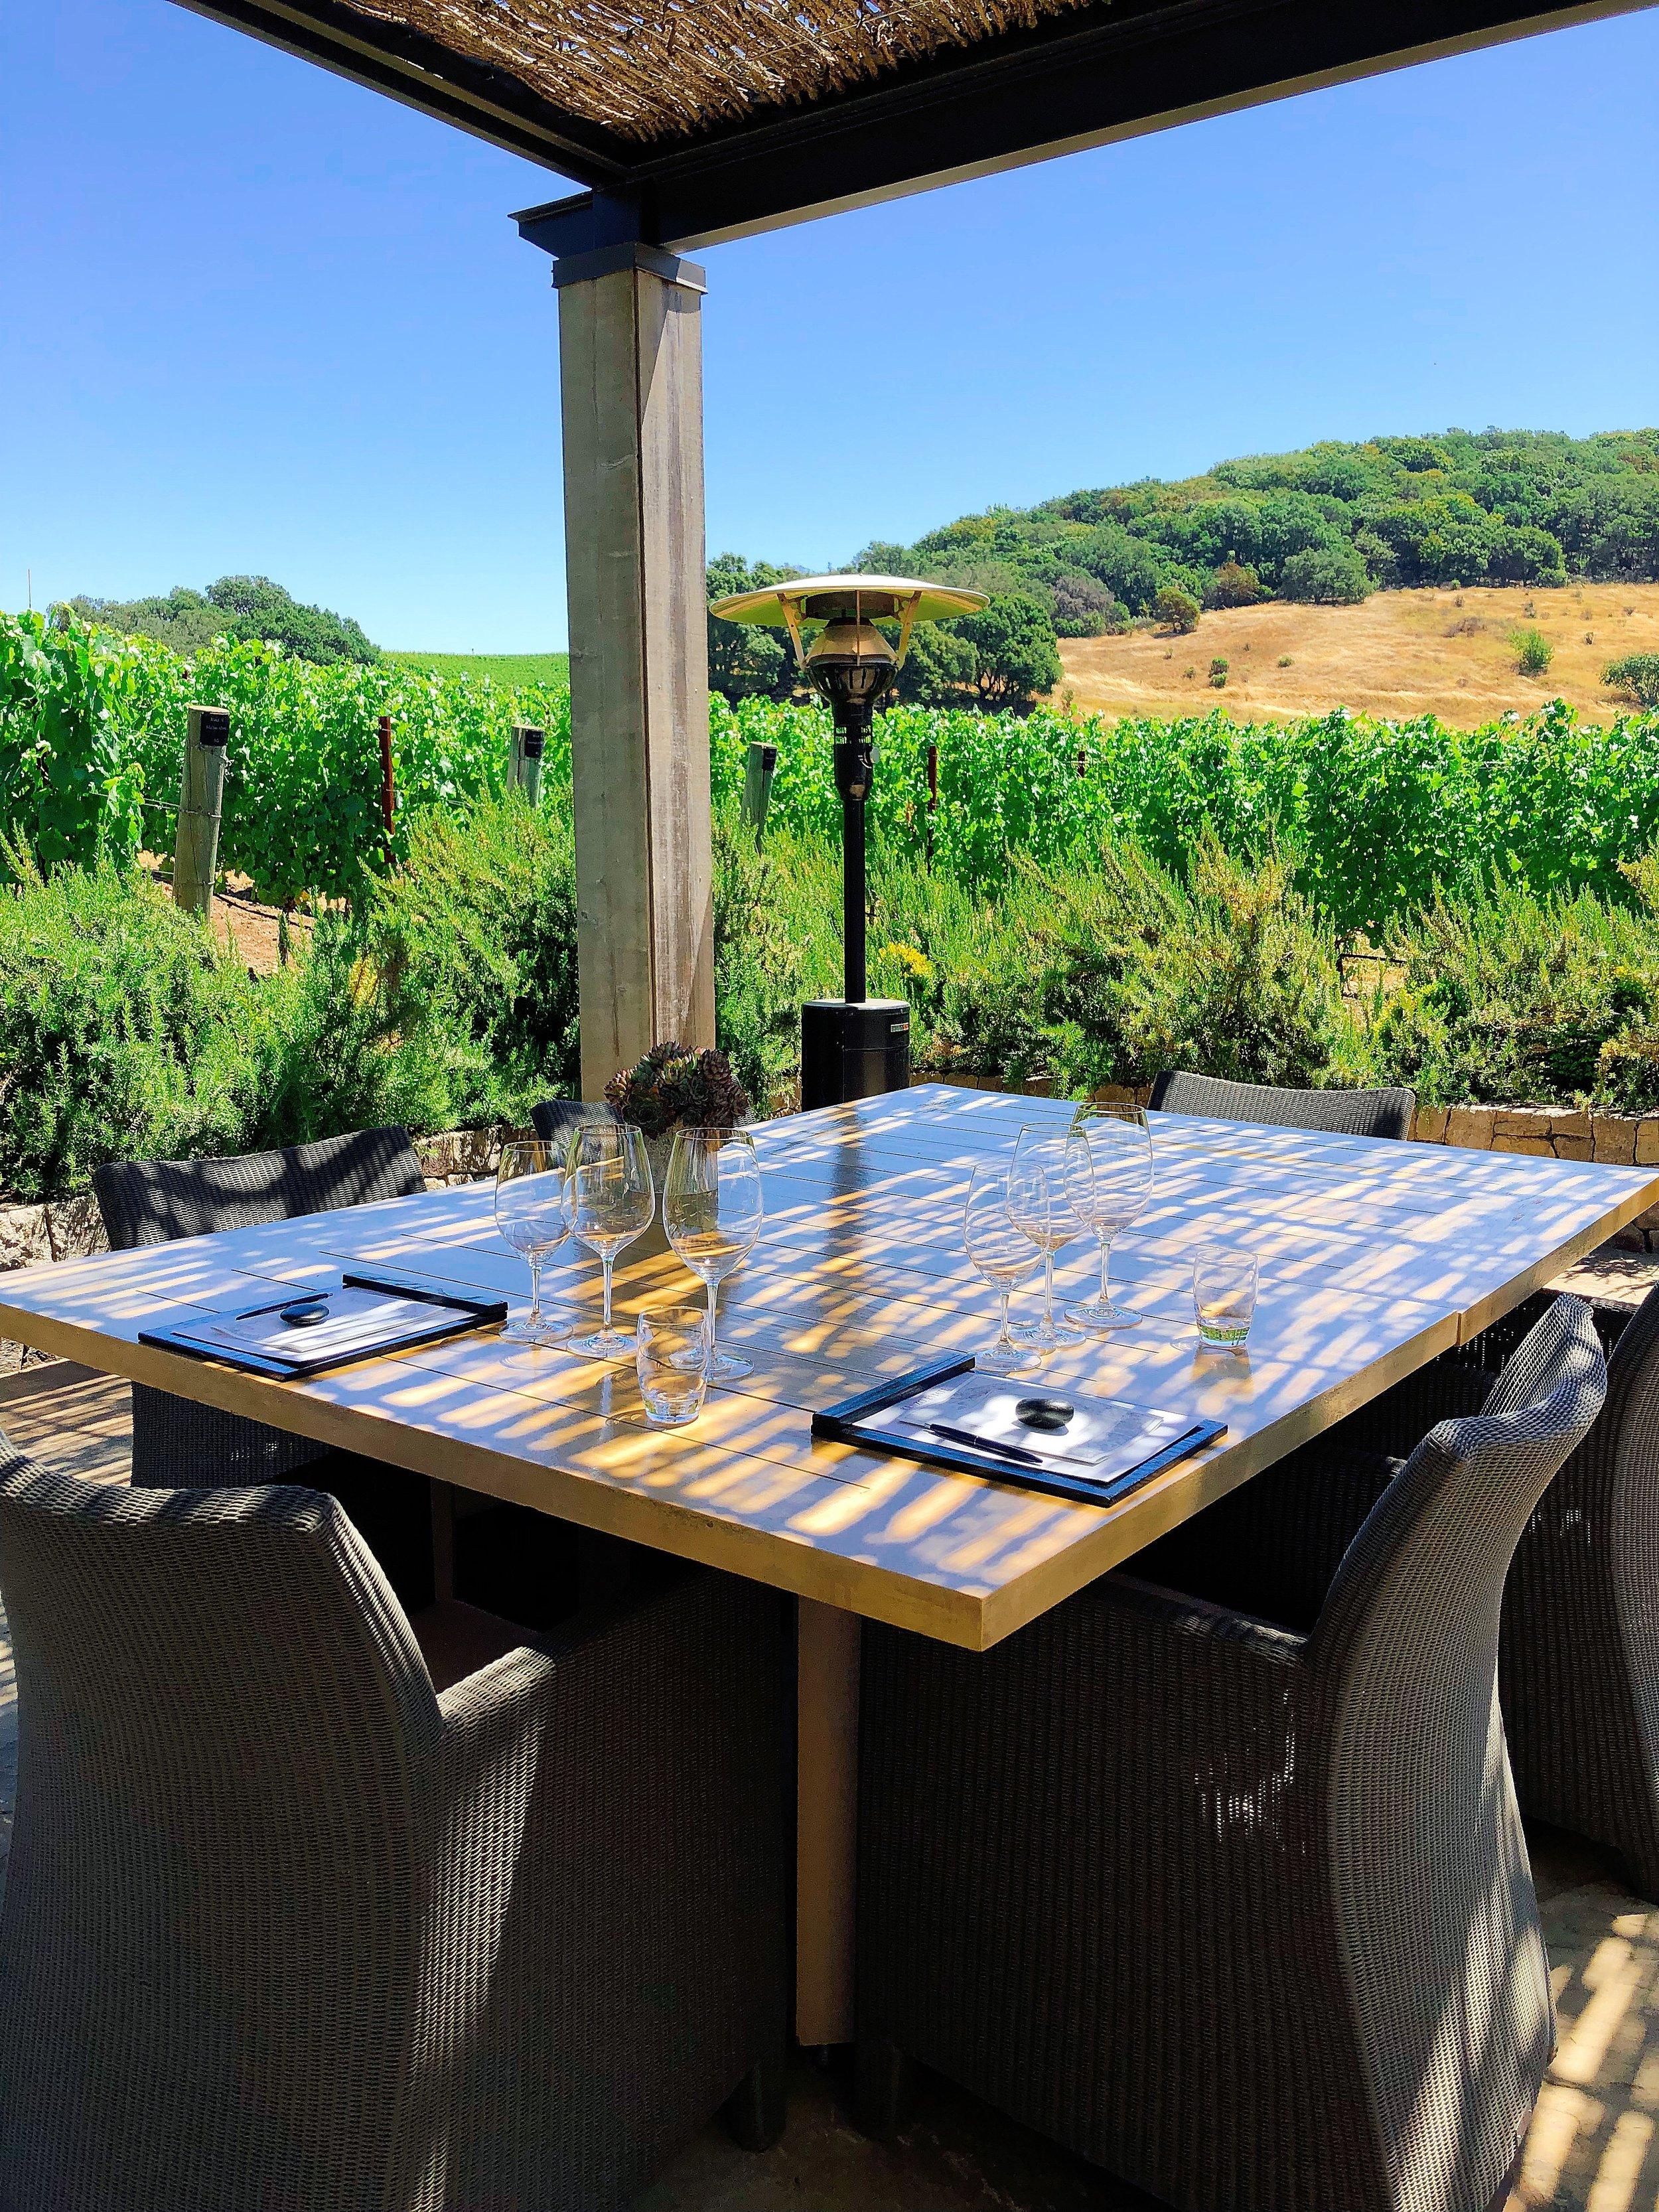 Enjoying The View Of The Vineyard At Kenzo Estate